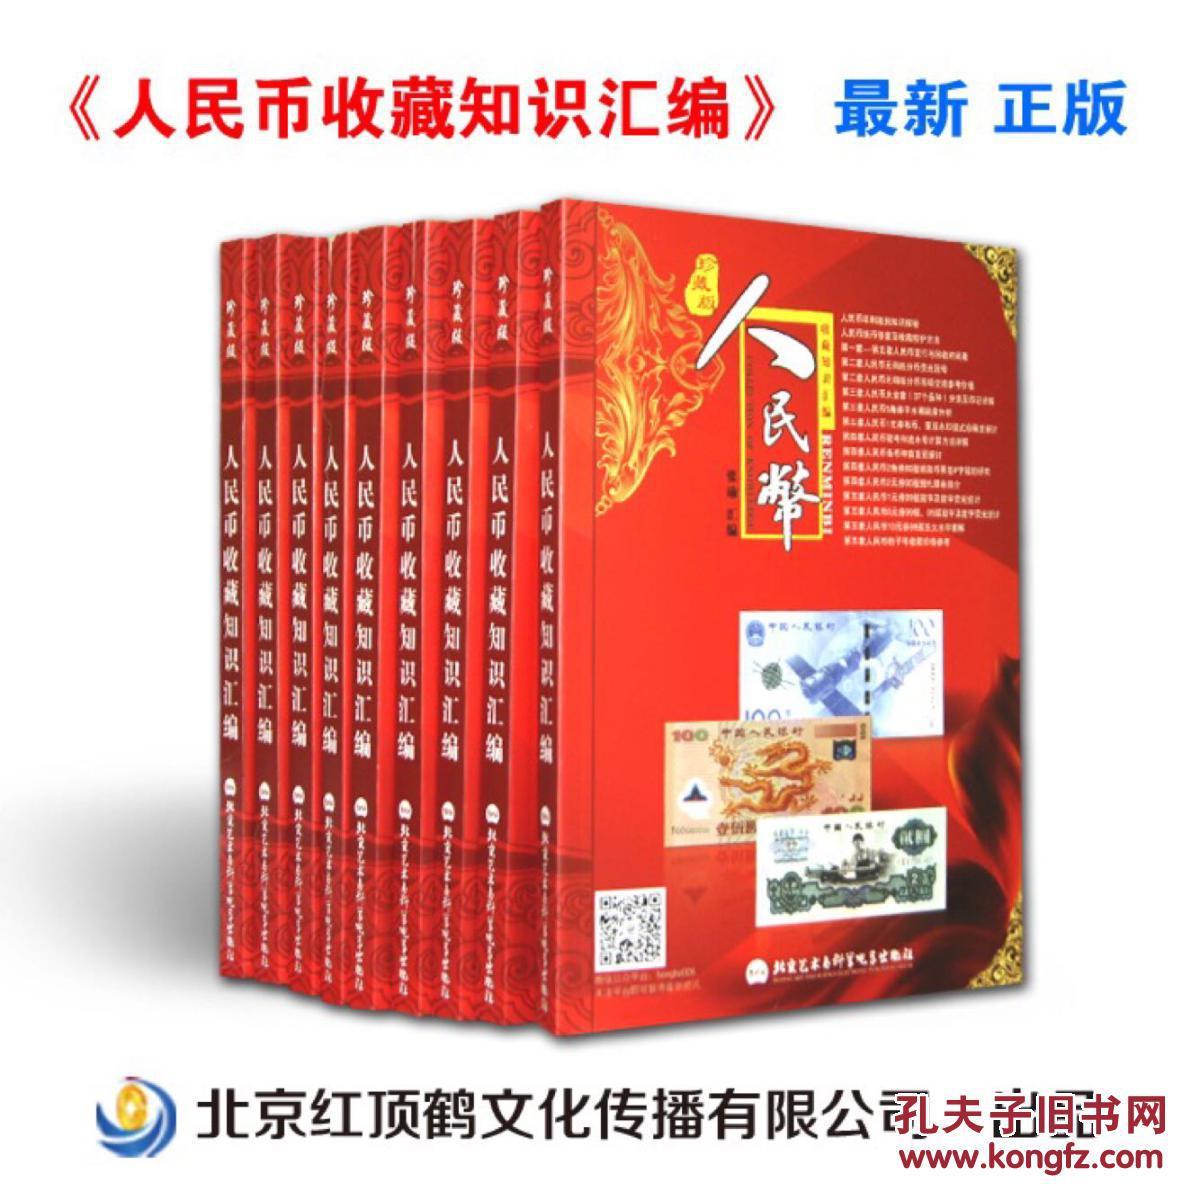 人民币收藏知识全在这里了!_手机搜狐网